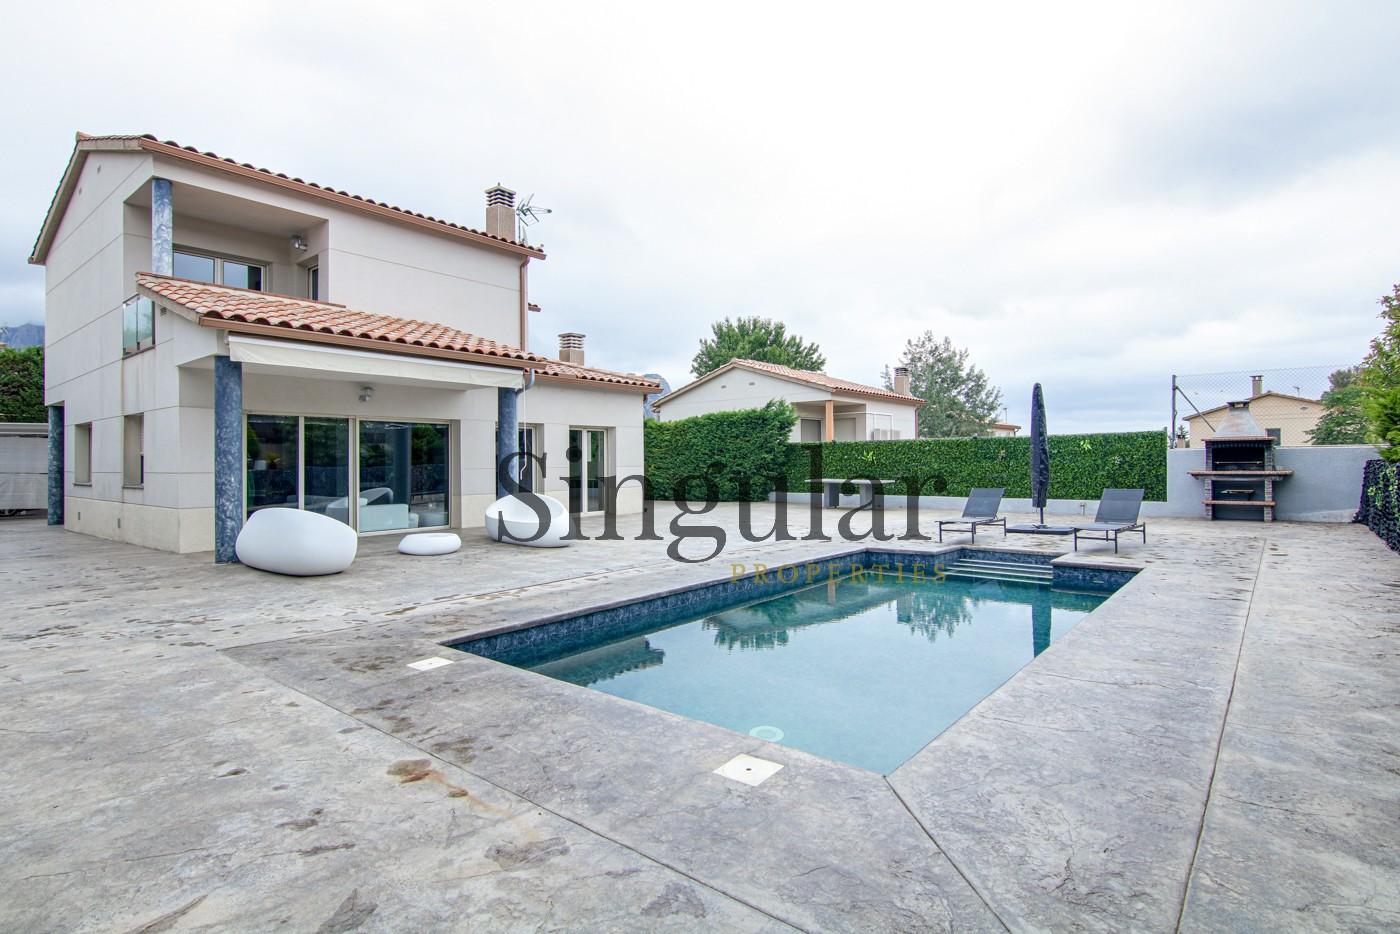 """<a href=""""https://singularproperties.es/es/listing/casa-cuatro-vientos-piscina/"""" target="""""""">Casa a cuatro vientos con piscina</a>"""